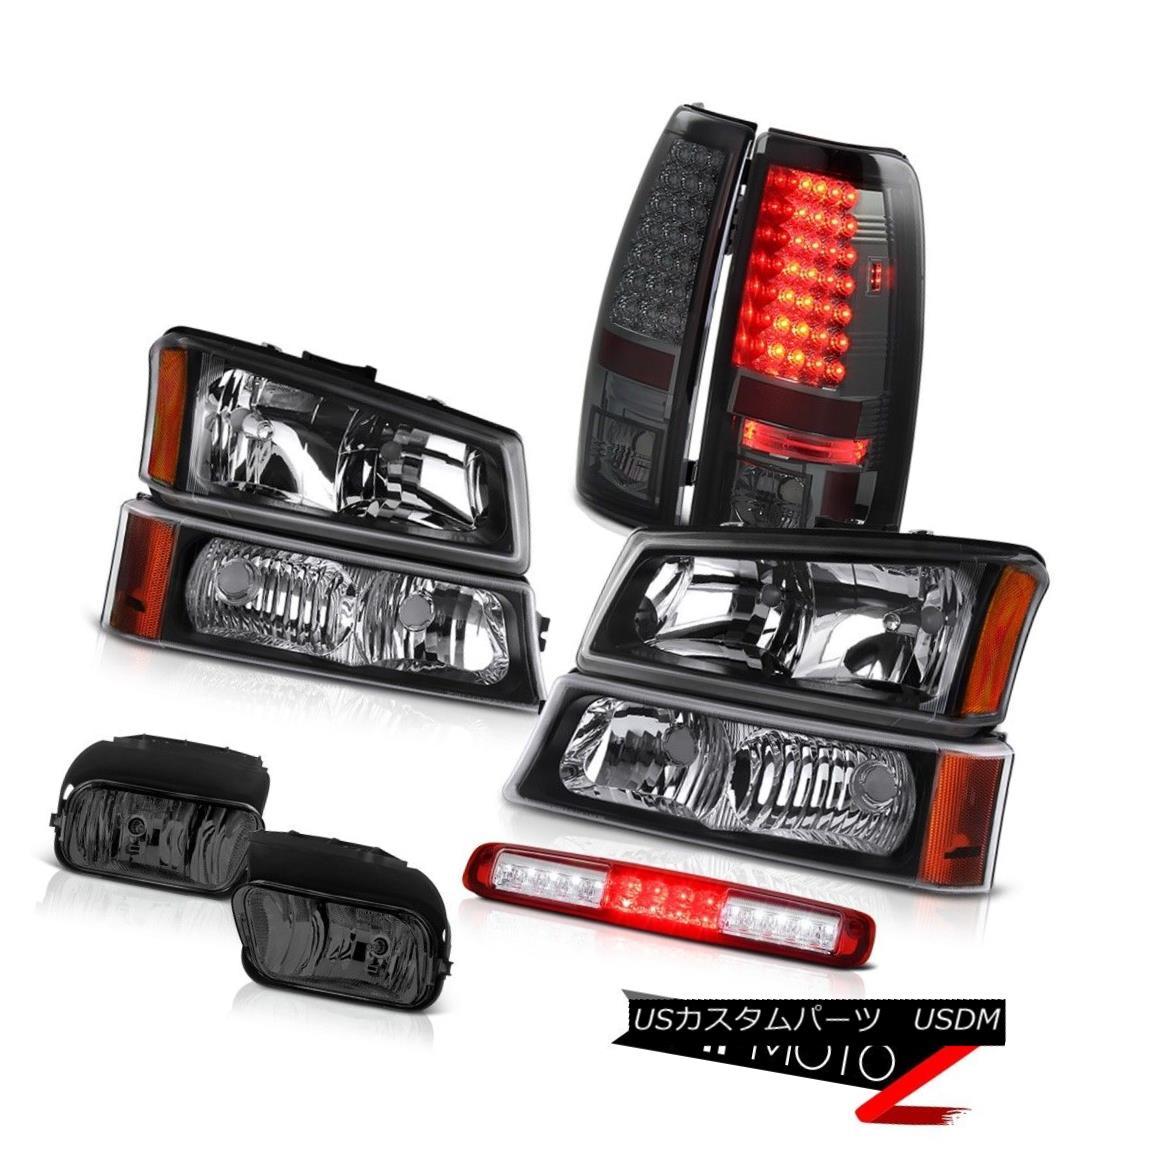 テールライト 03-06 Silverado 1500 Fog Lamps Signal Light Red High Stop Headlamps Tail Lamps 03-06 Silverado 1500フォグランプシグナルライトレッドハイストップヘッドランプテールランプ